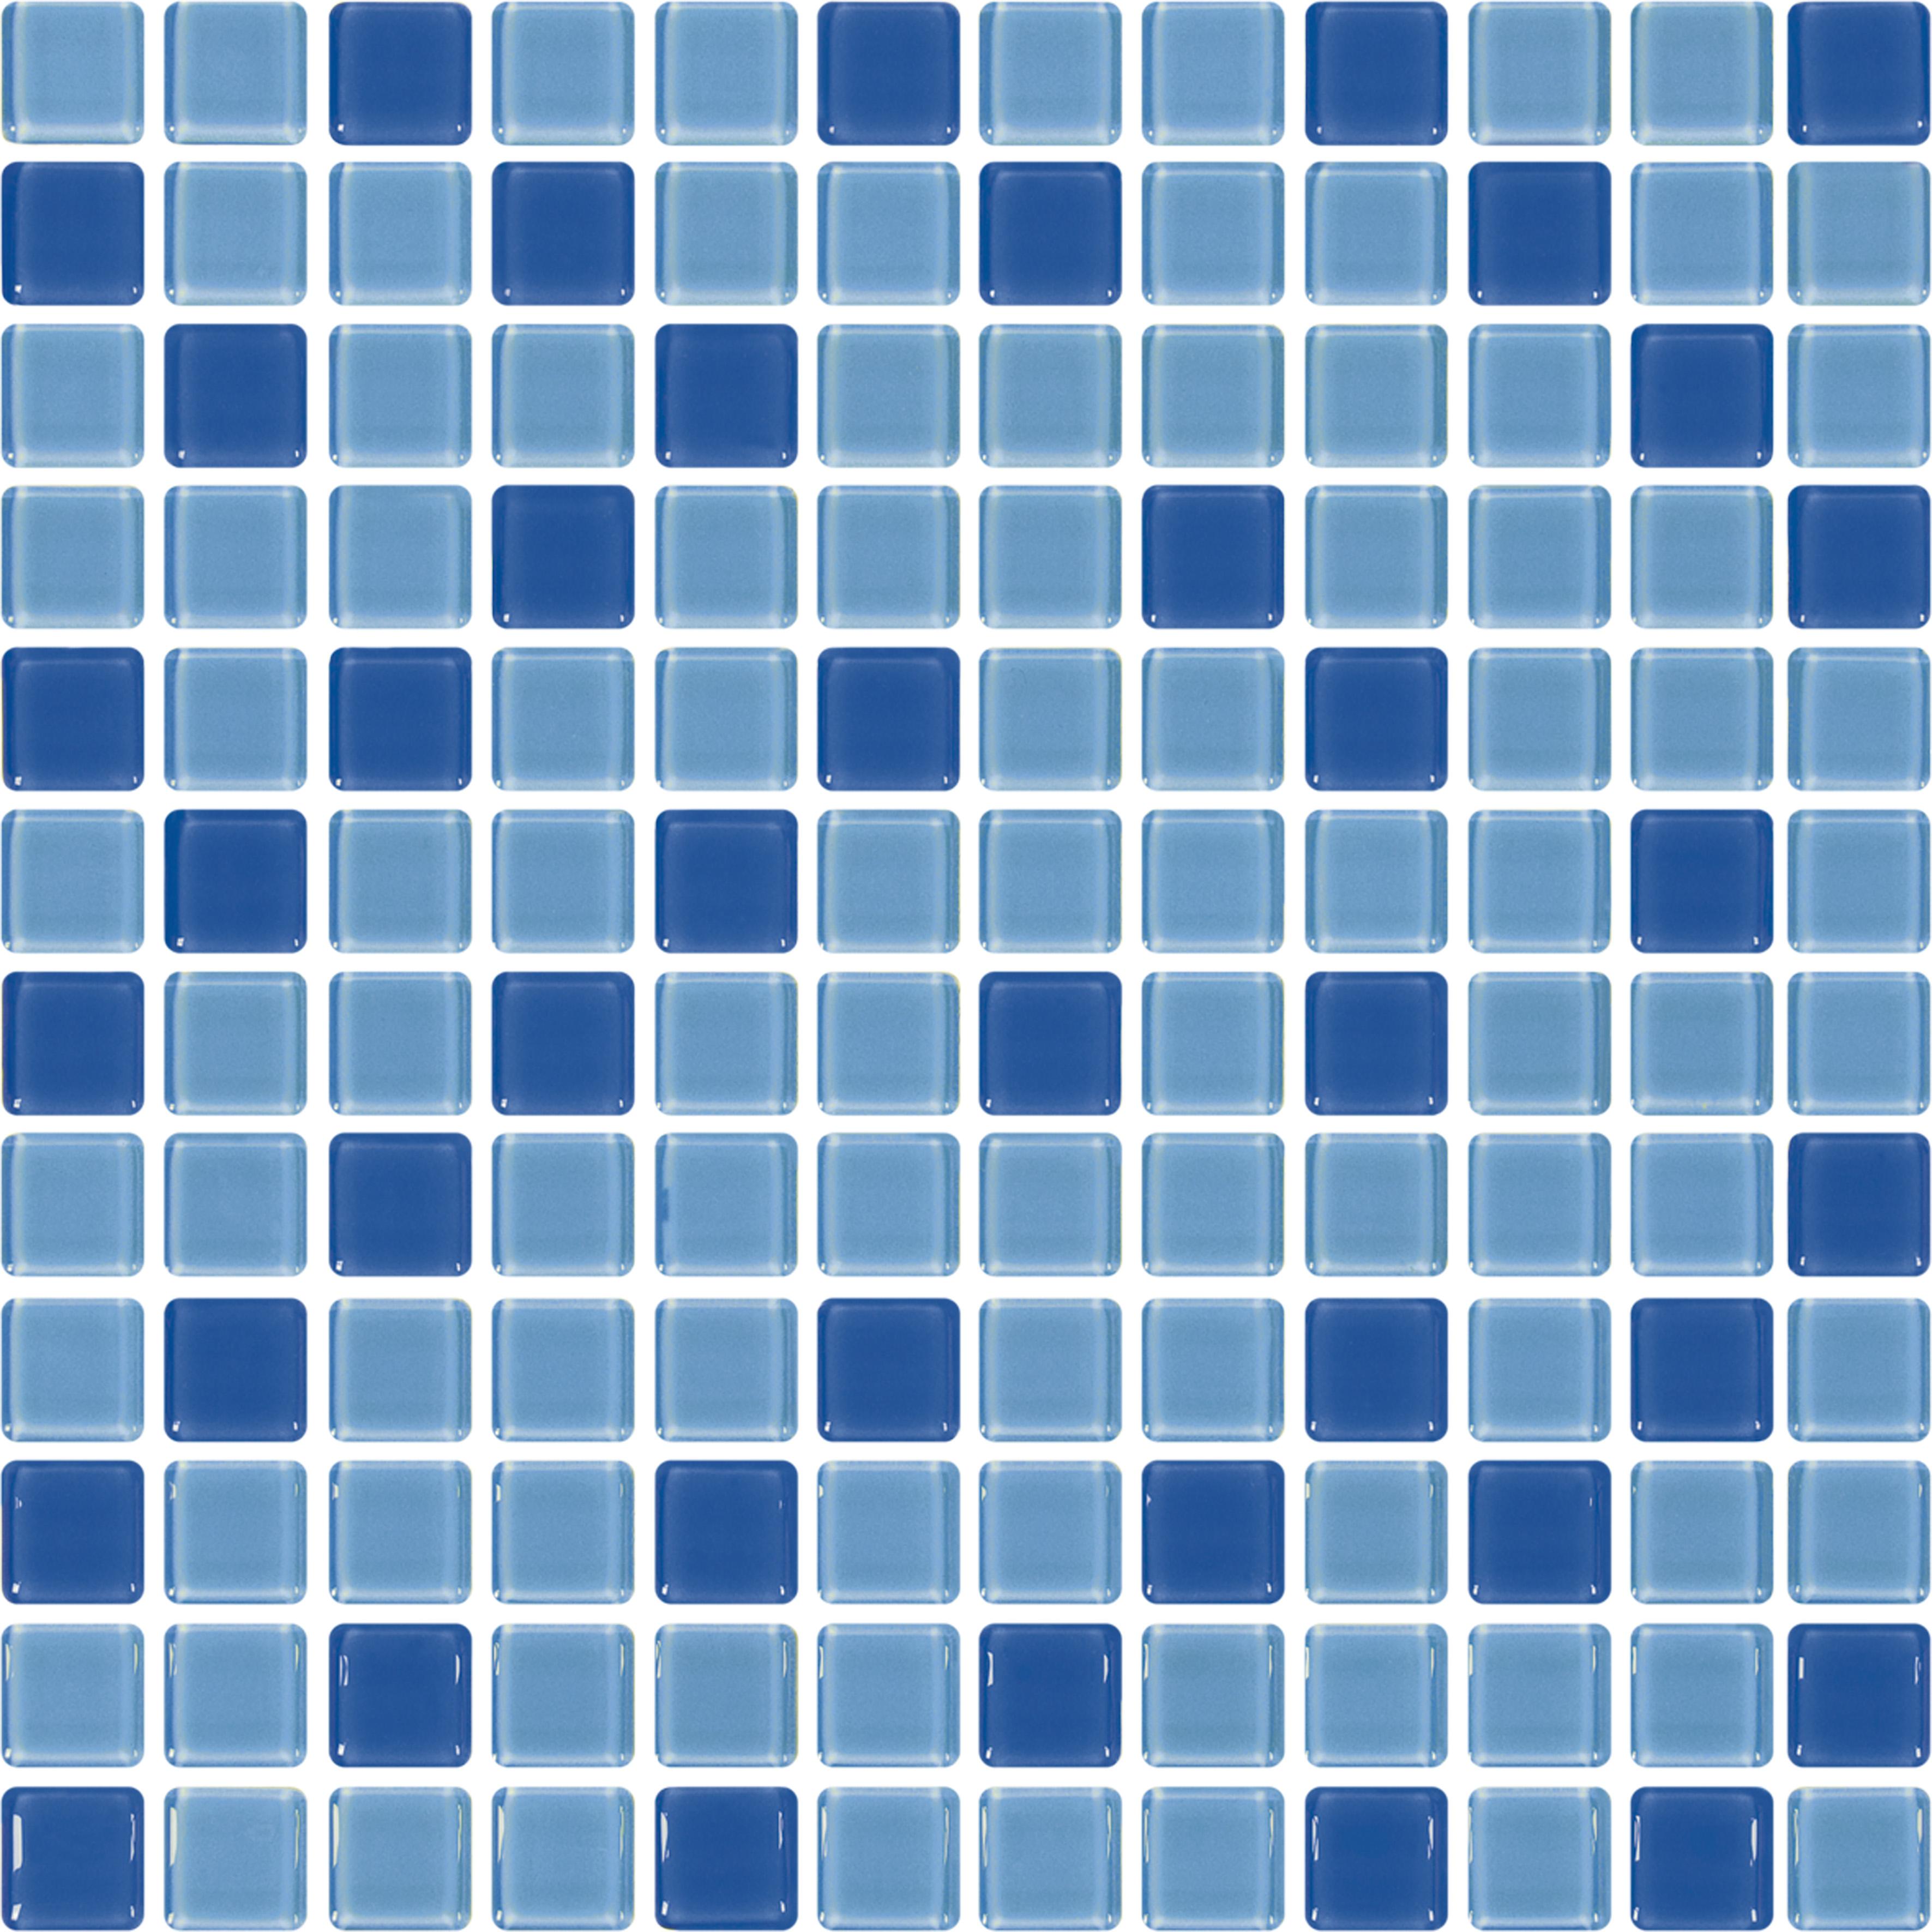 de parede pastilha adesivo parede pastilha adesivo de parede pastilha  #1F5095 3543x3543 Banheiro Com Pastilha Azul Marinho